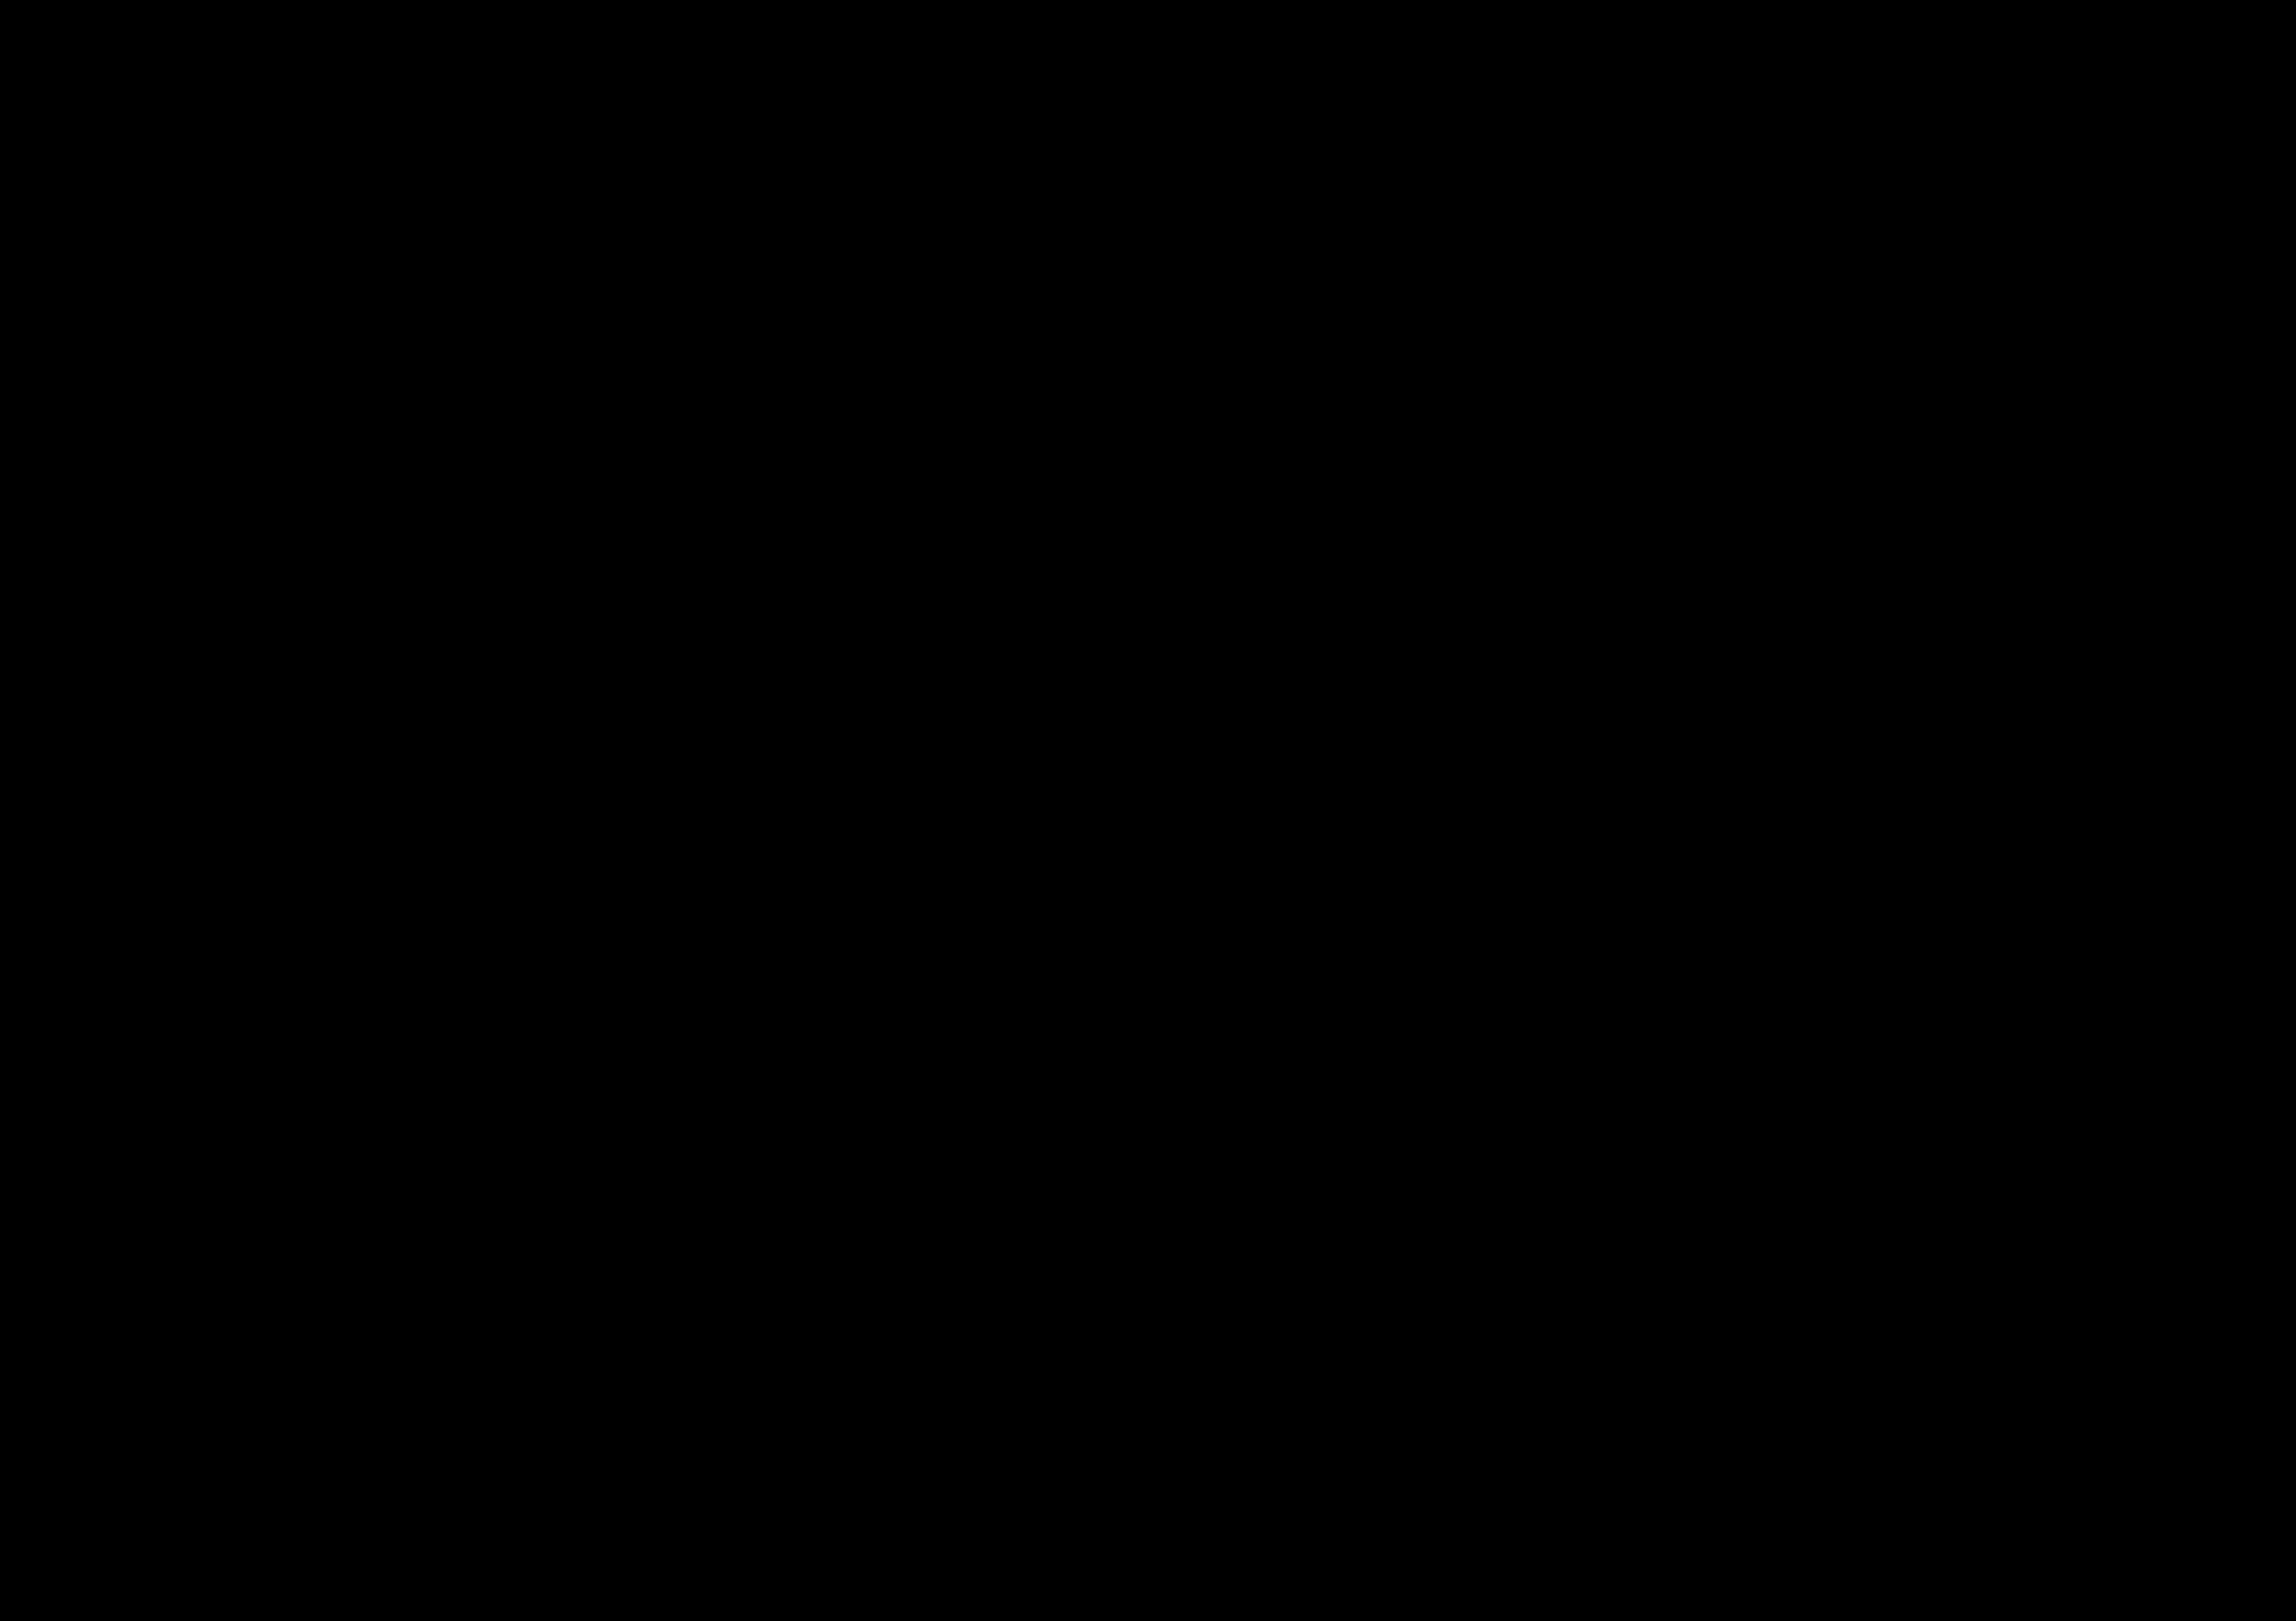 http://mot.uipa.edu.ua/wp-content/uploads/2018/05/БАЗИ_ПРАКТИК.jpg